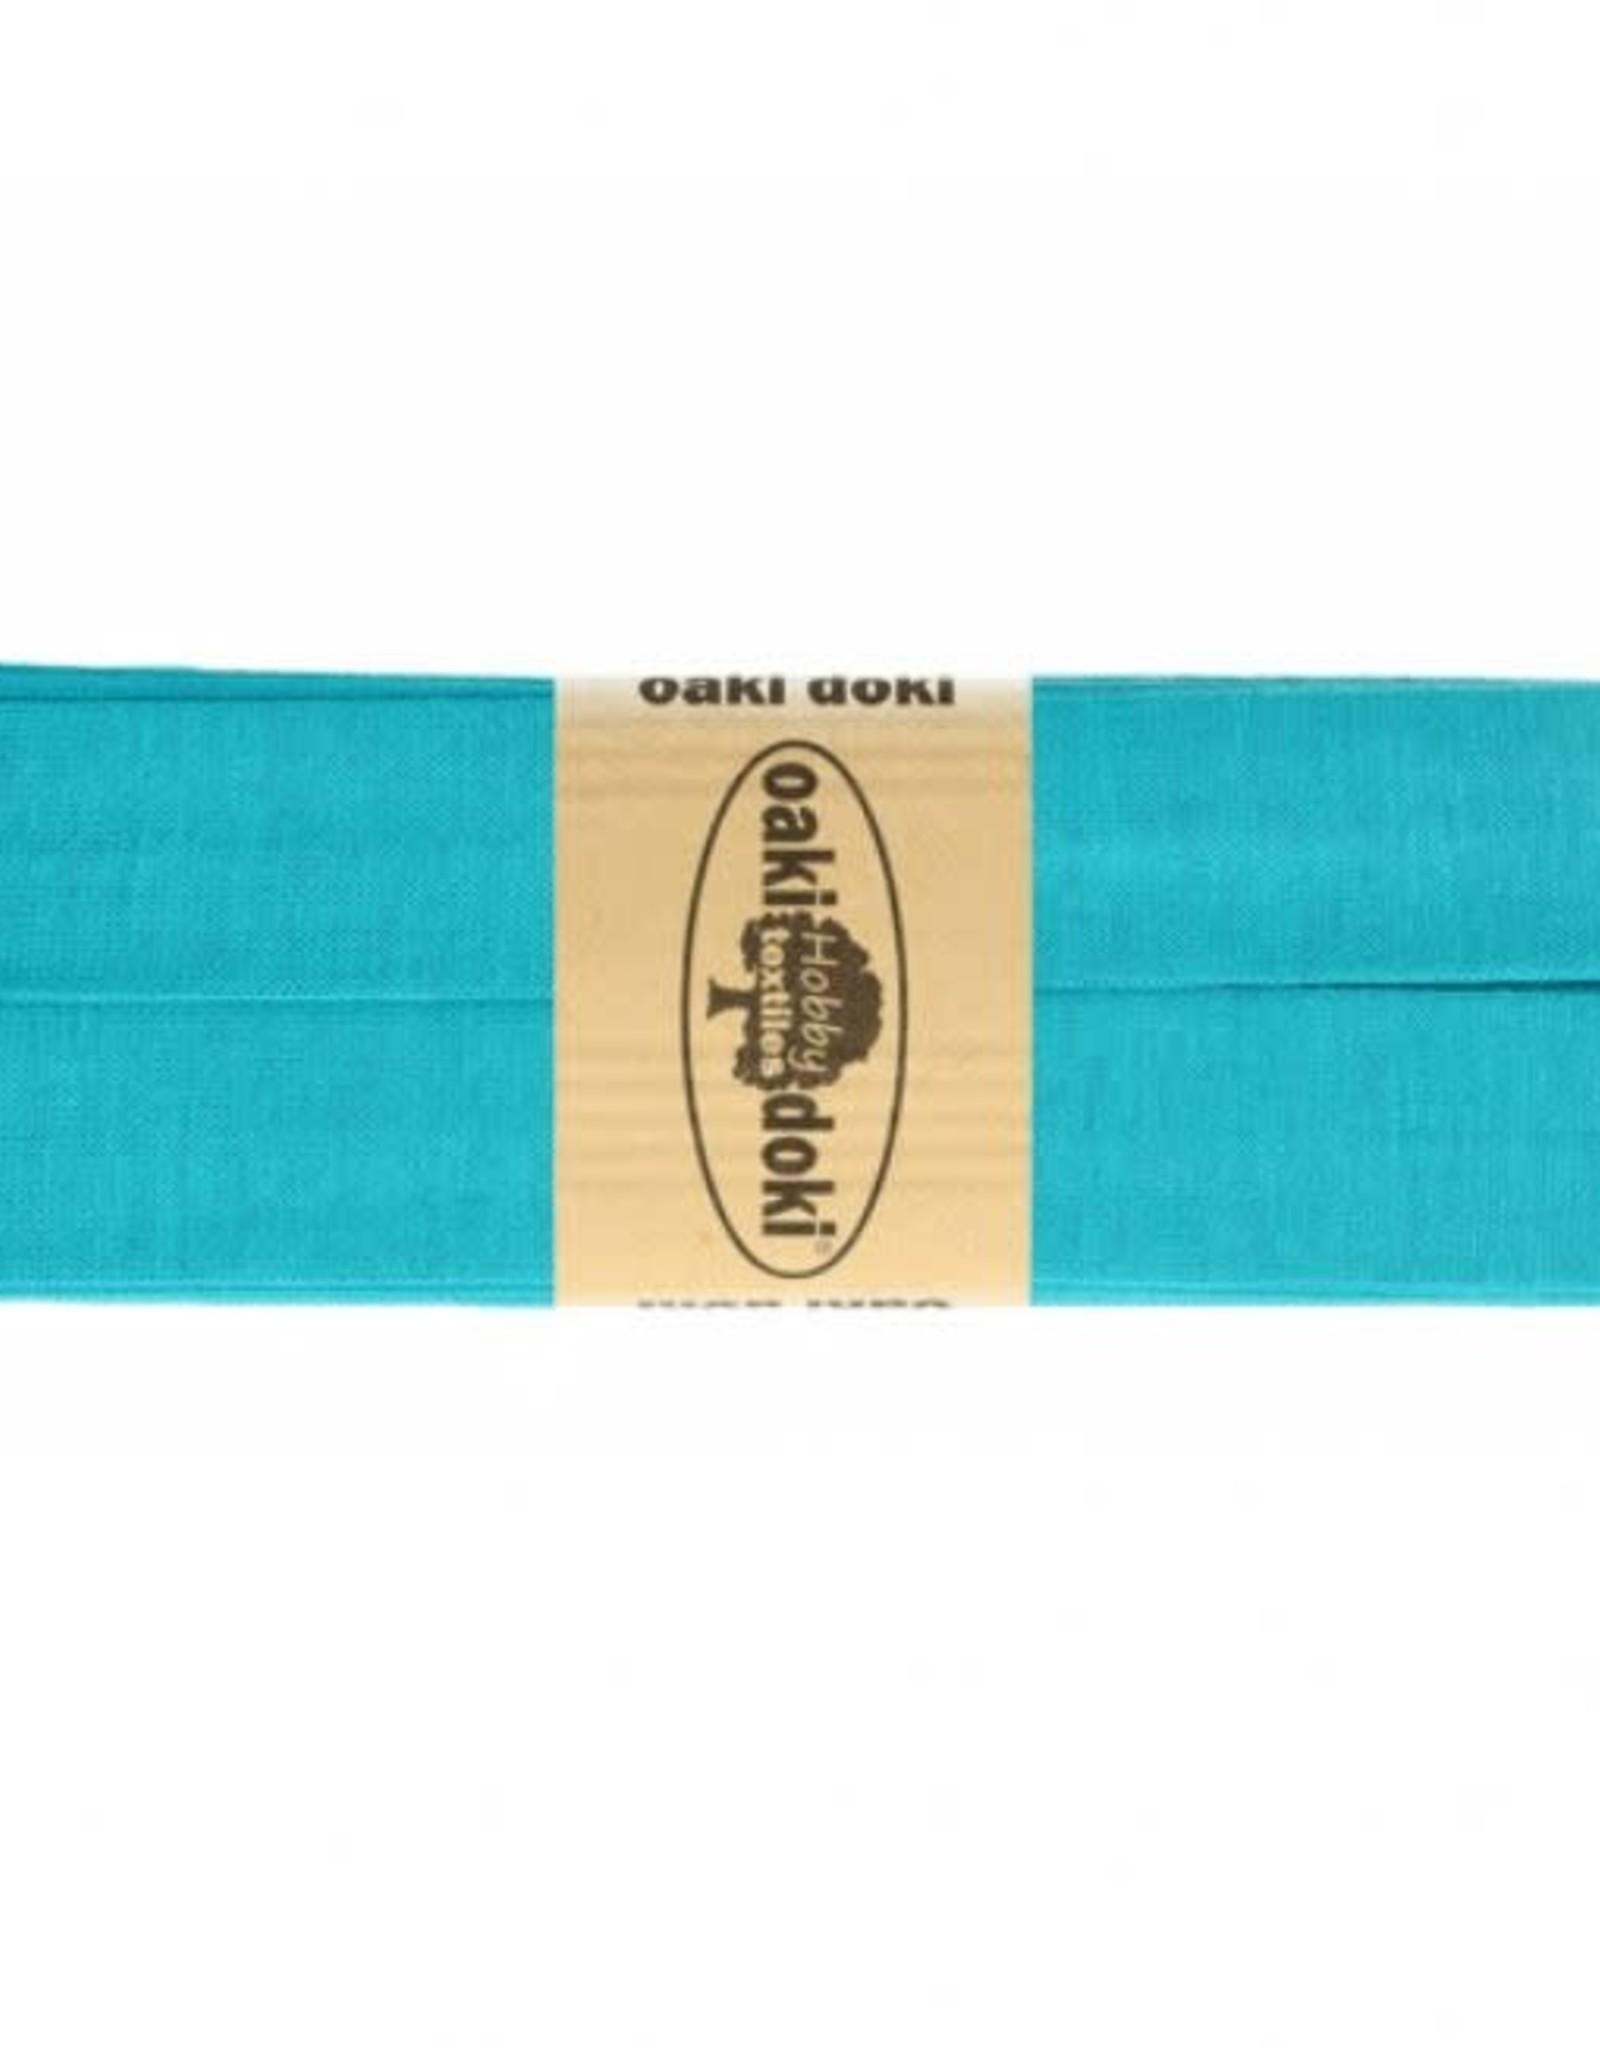 Oaki Doki Biais tricot de luxe Oaki Doki donker aqua 472